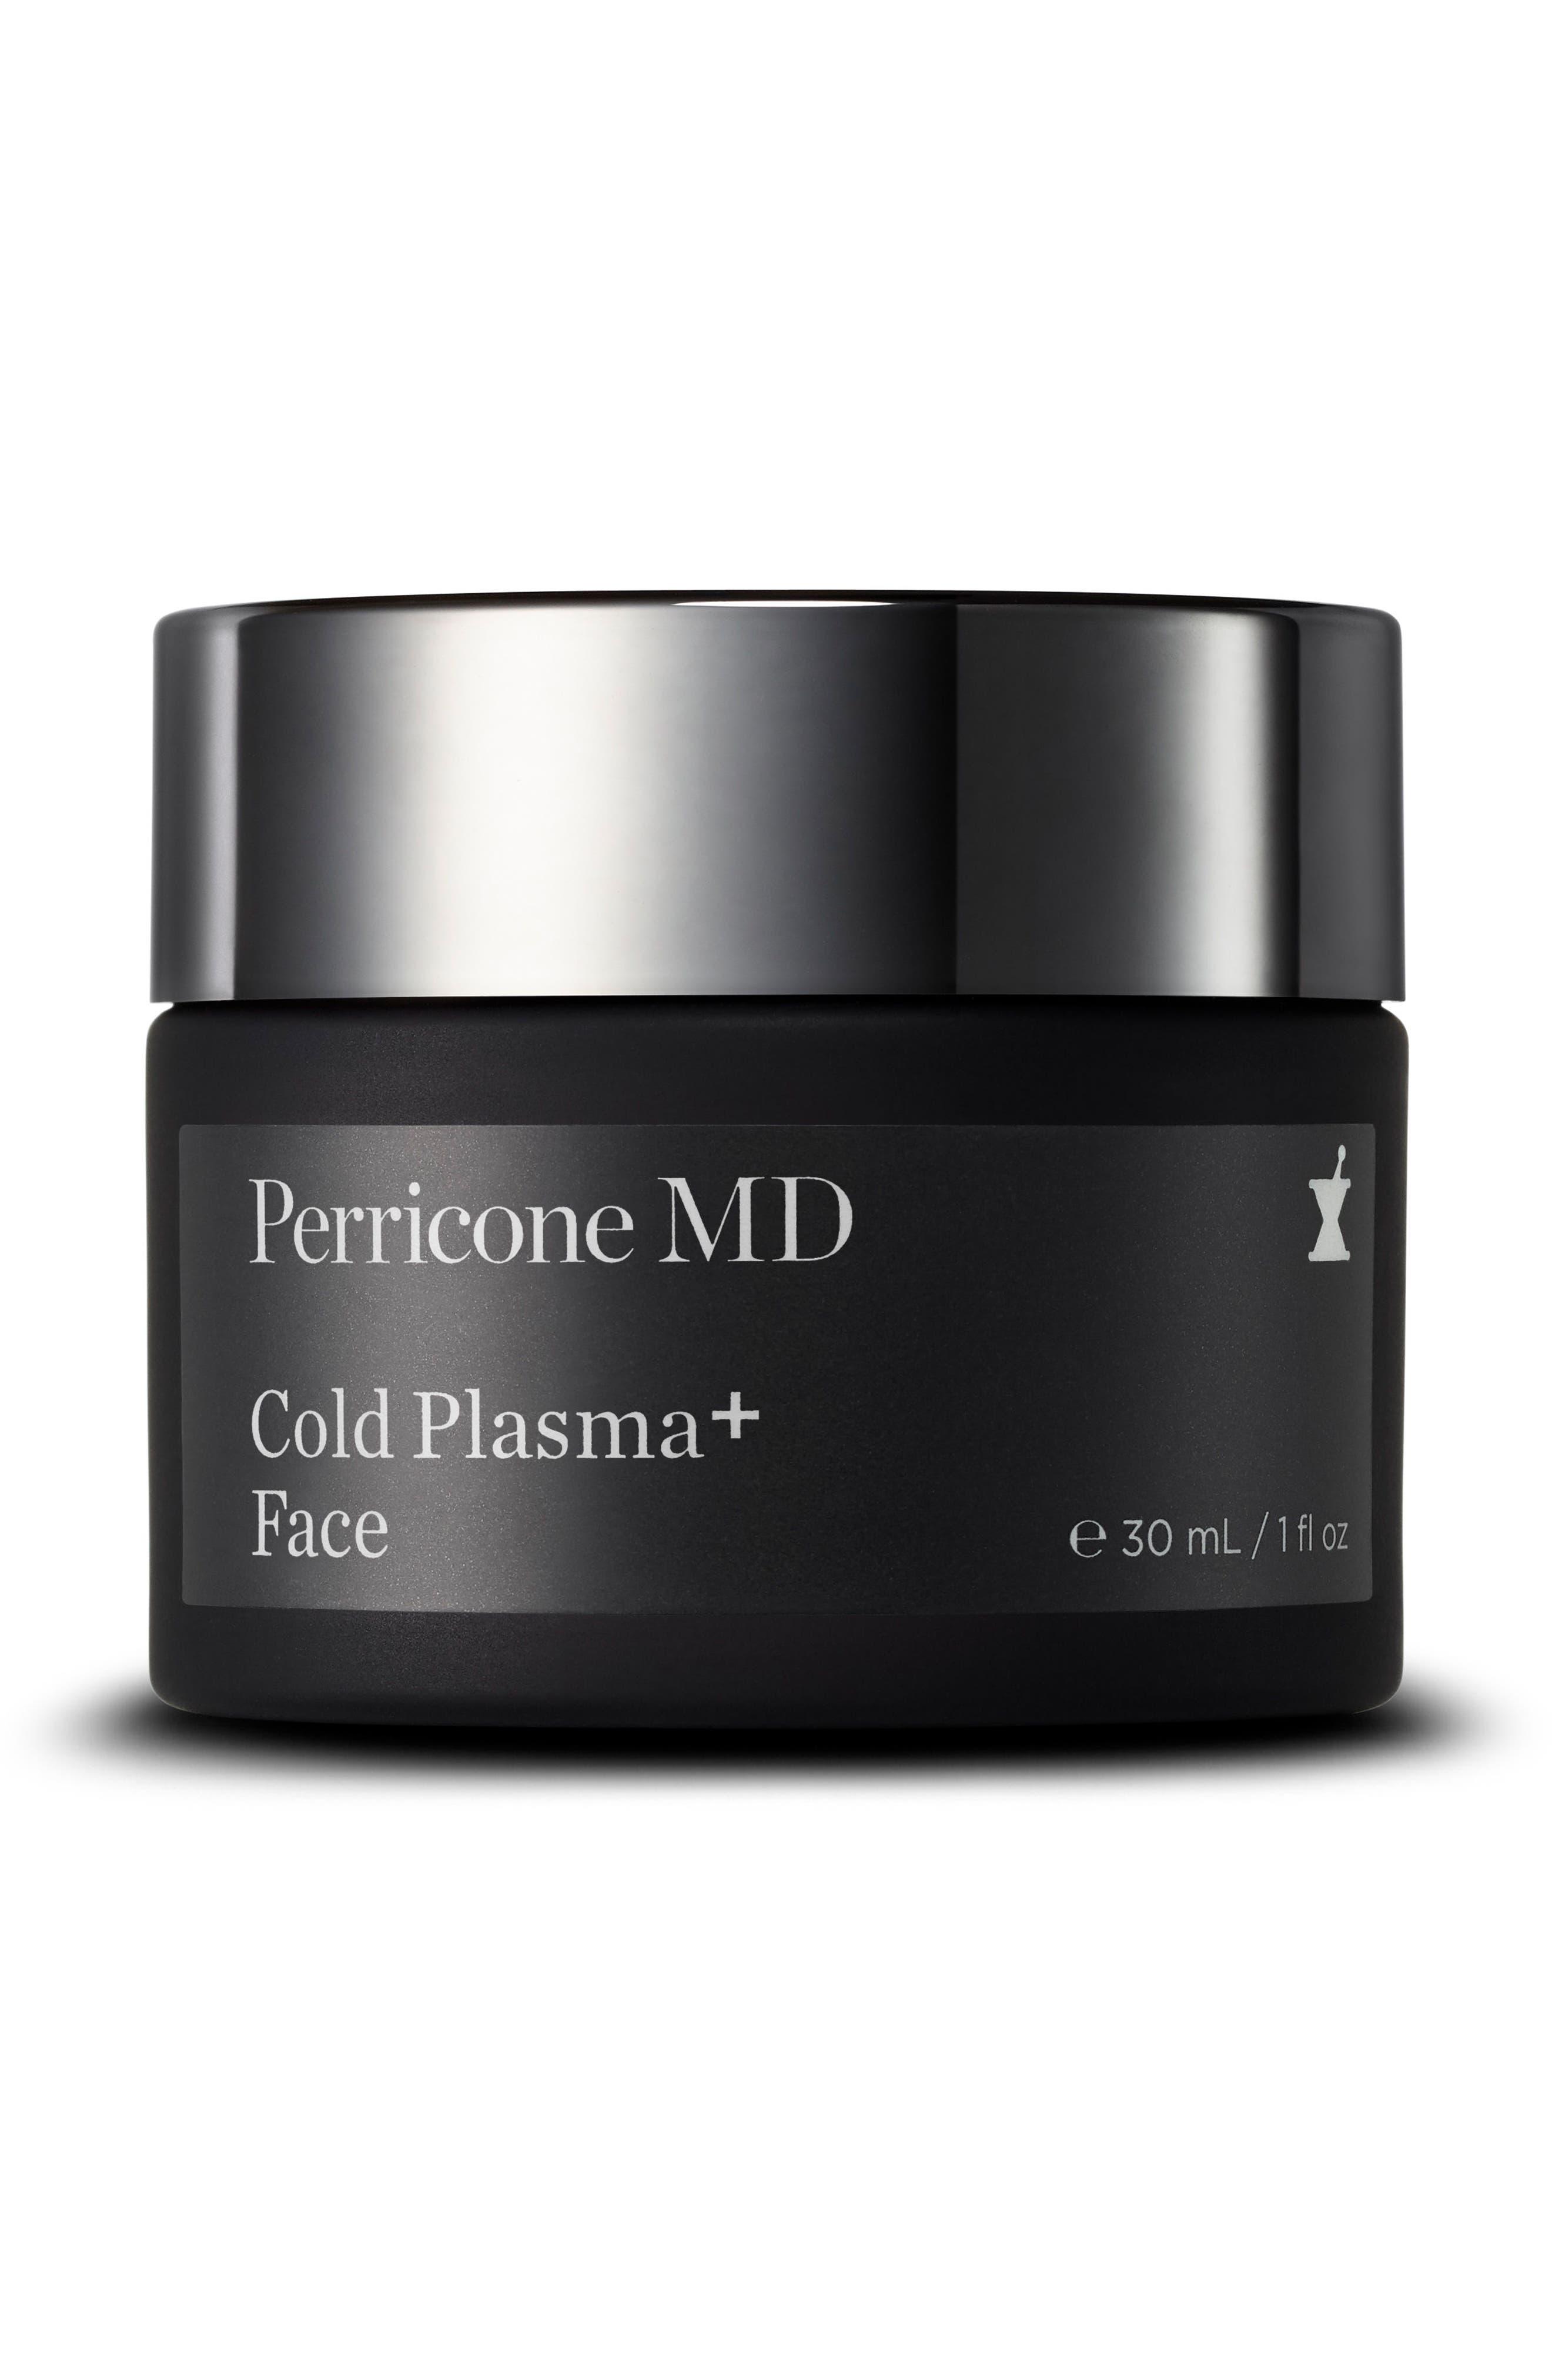 dr perricone neuropeptide cream